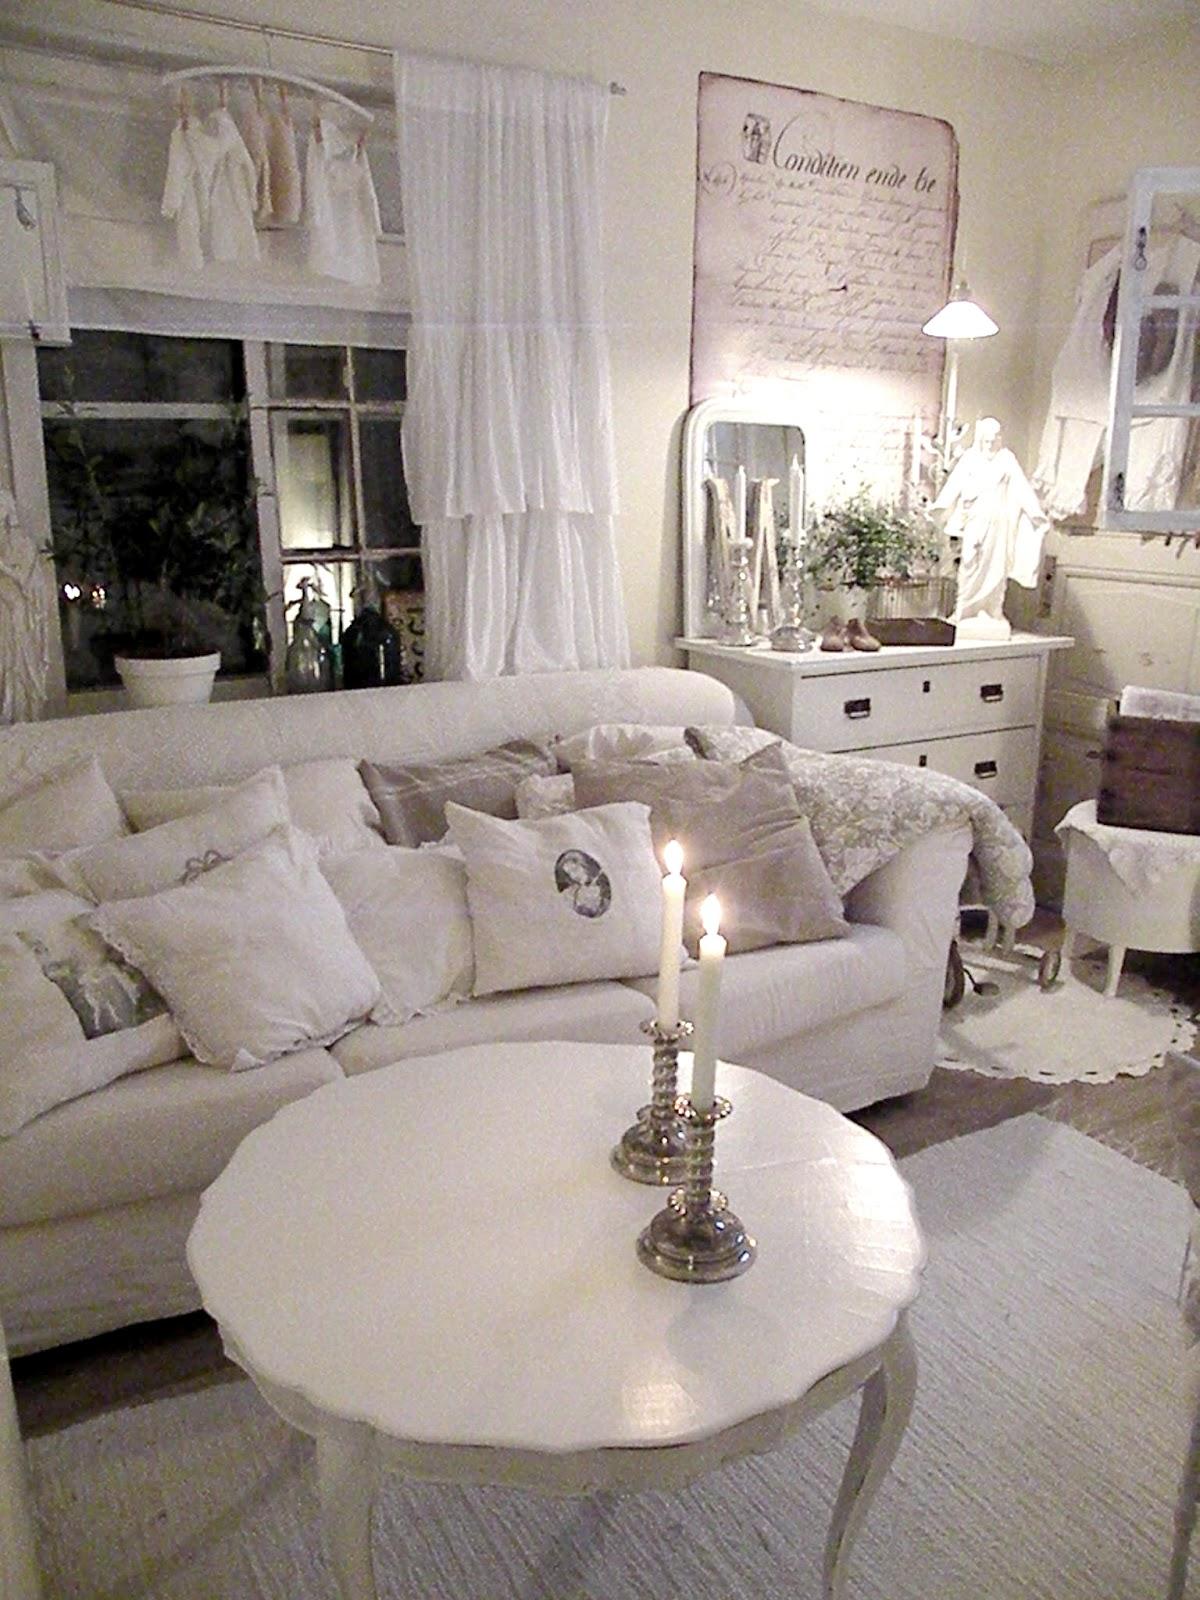 ver 1000 id er om shabby chic stil p pinterest shabby chic k k och toalettbord. Black Bedroom Furniture Sets. Home Design Ideas